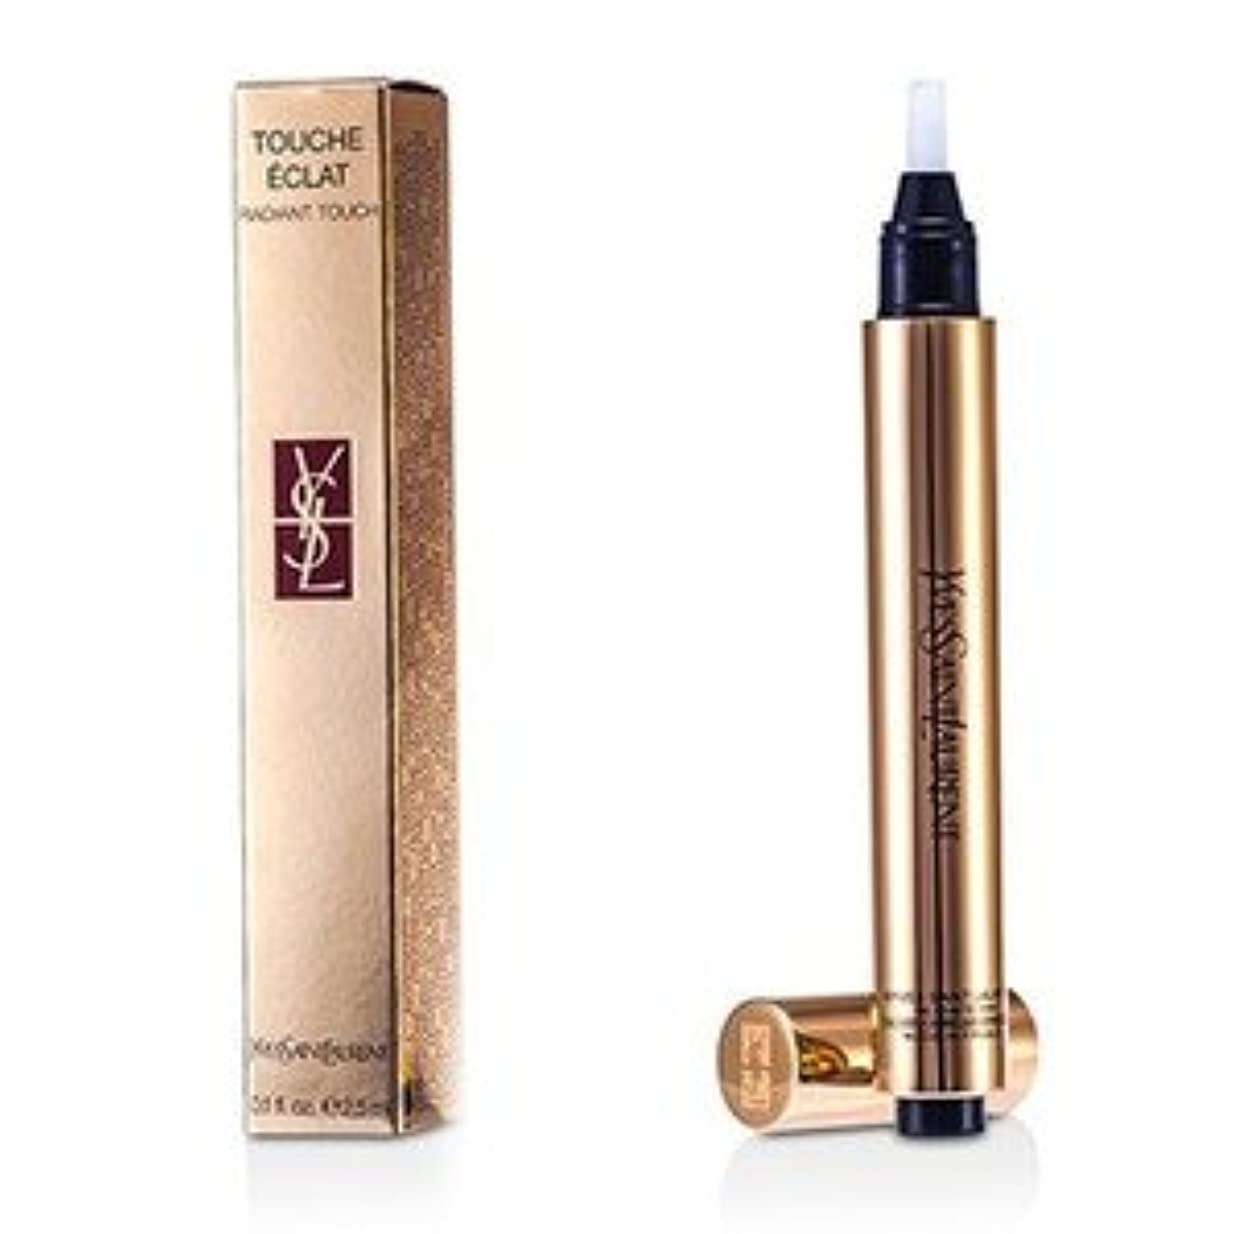 確認してください保持する炭水化物Yves Saint Laurent(イヴサンローラン) ラディアント タッチ/タッチ エクラ - #4.5 Luminous Sand 2.5ml/0.1oz [並行輸入品]